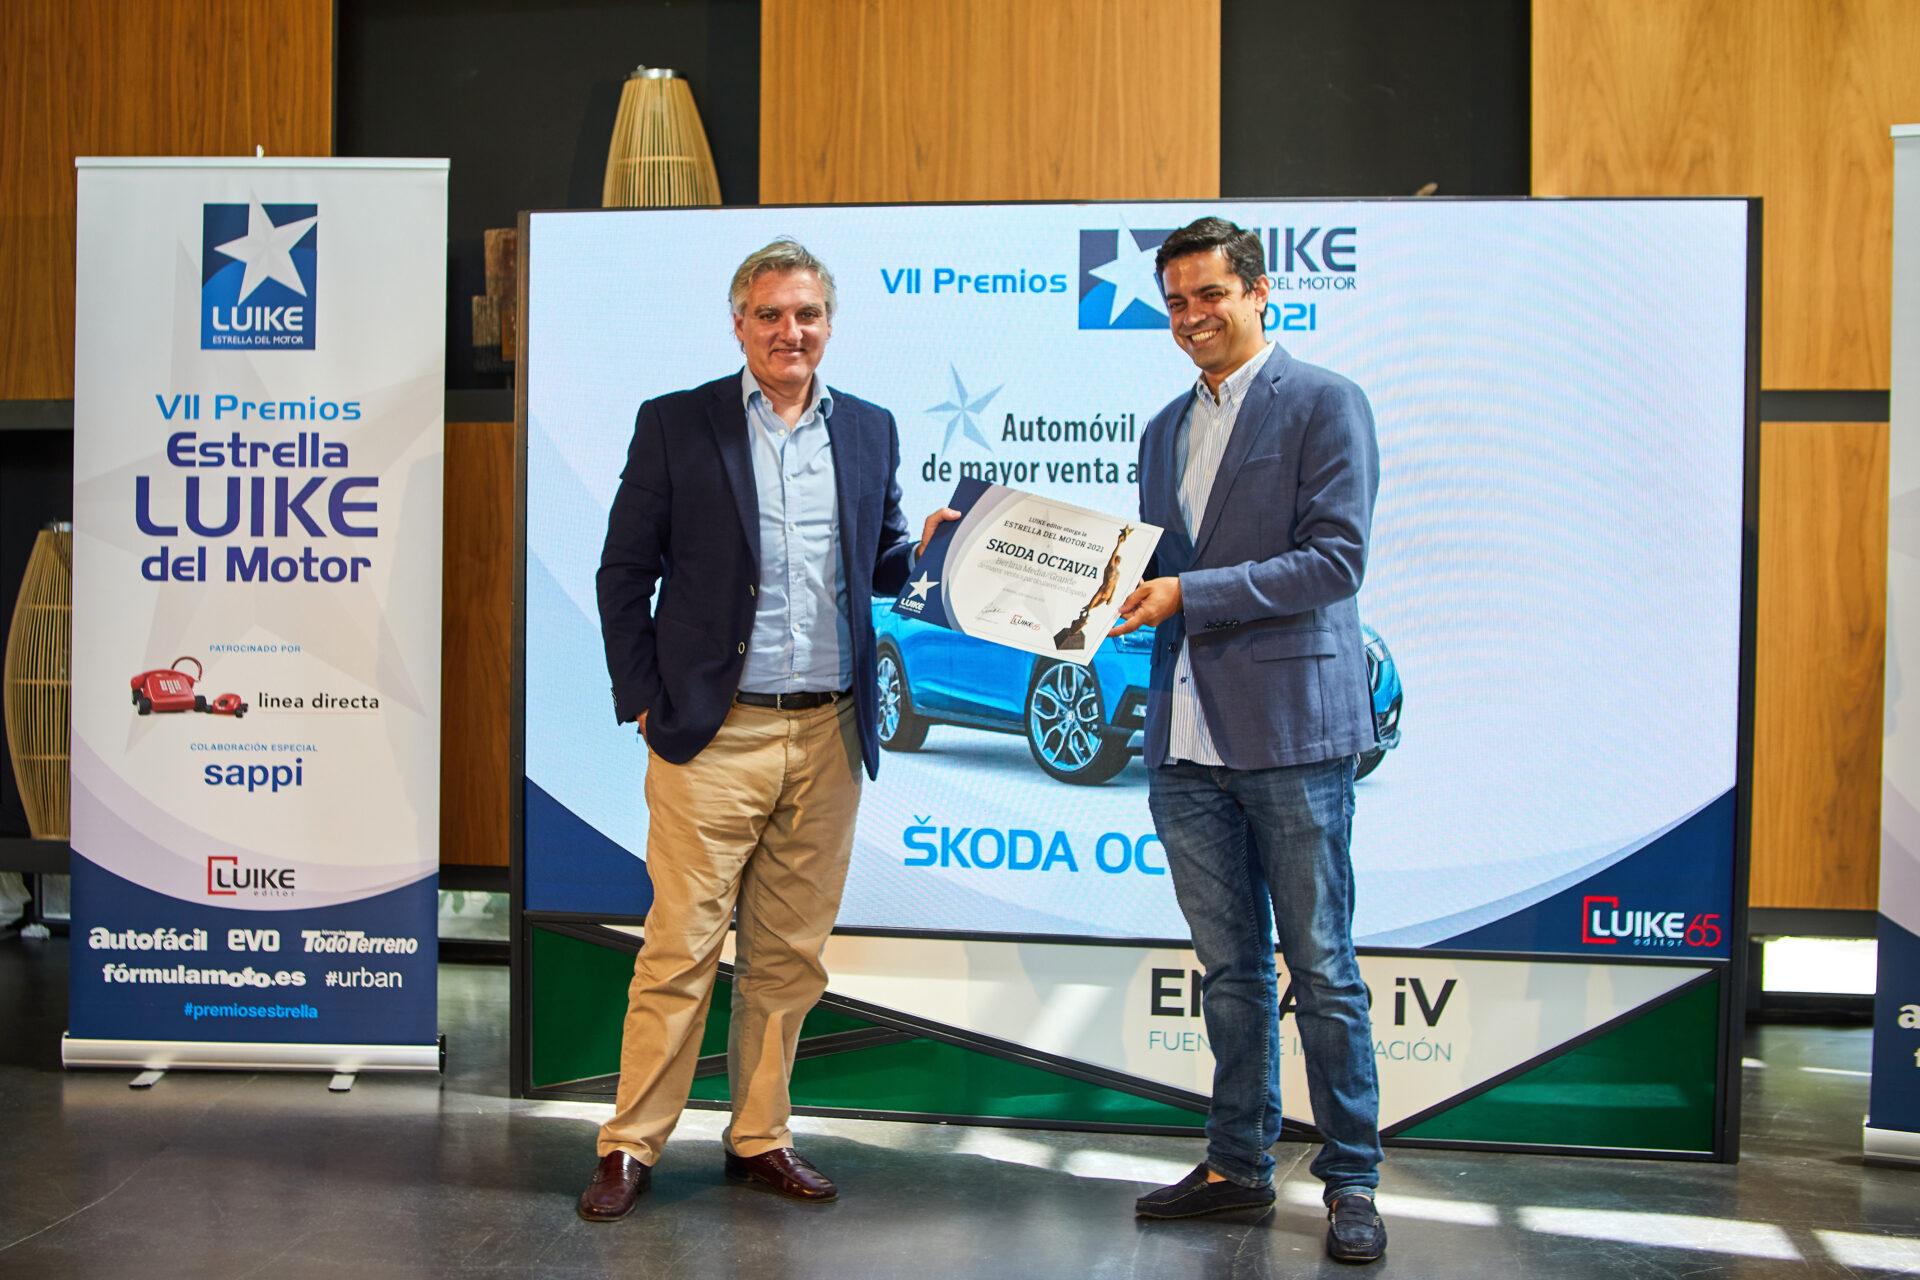 El Skoda Octavia, Estrella LUIKE al Automóvil Medio de Mayor Venta a Particulares